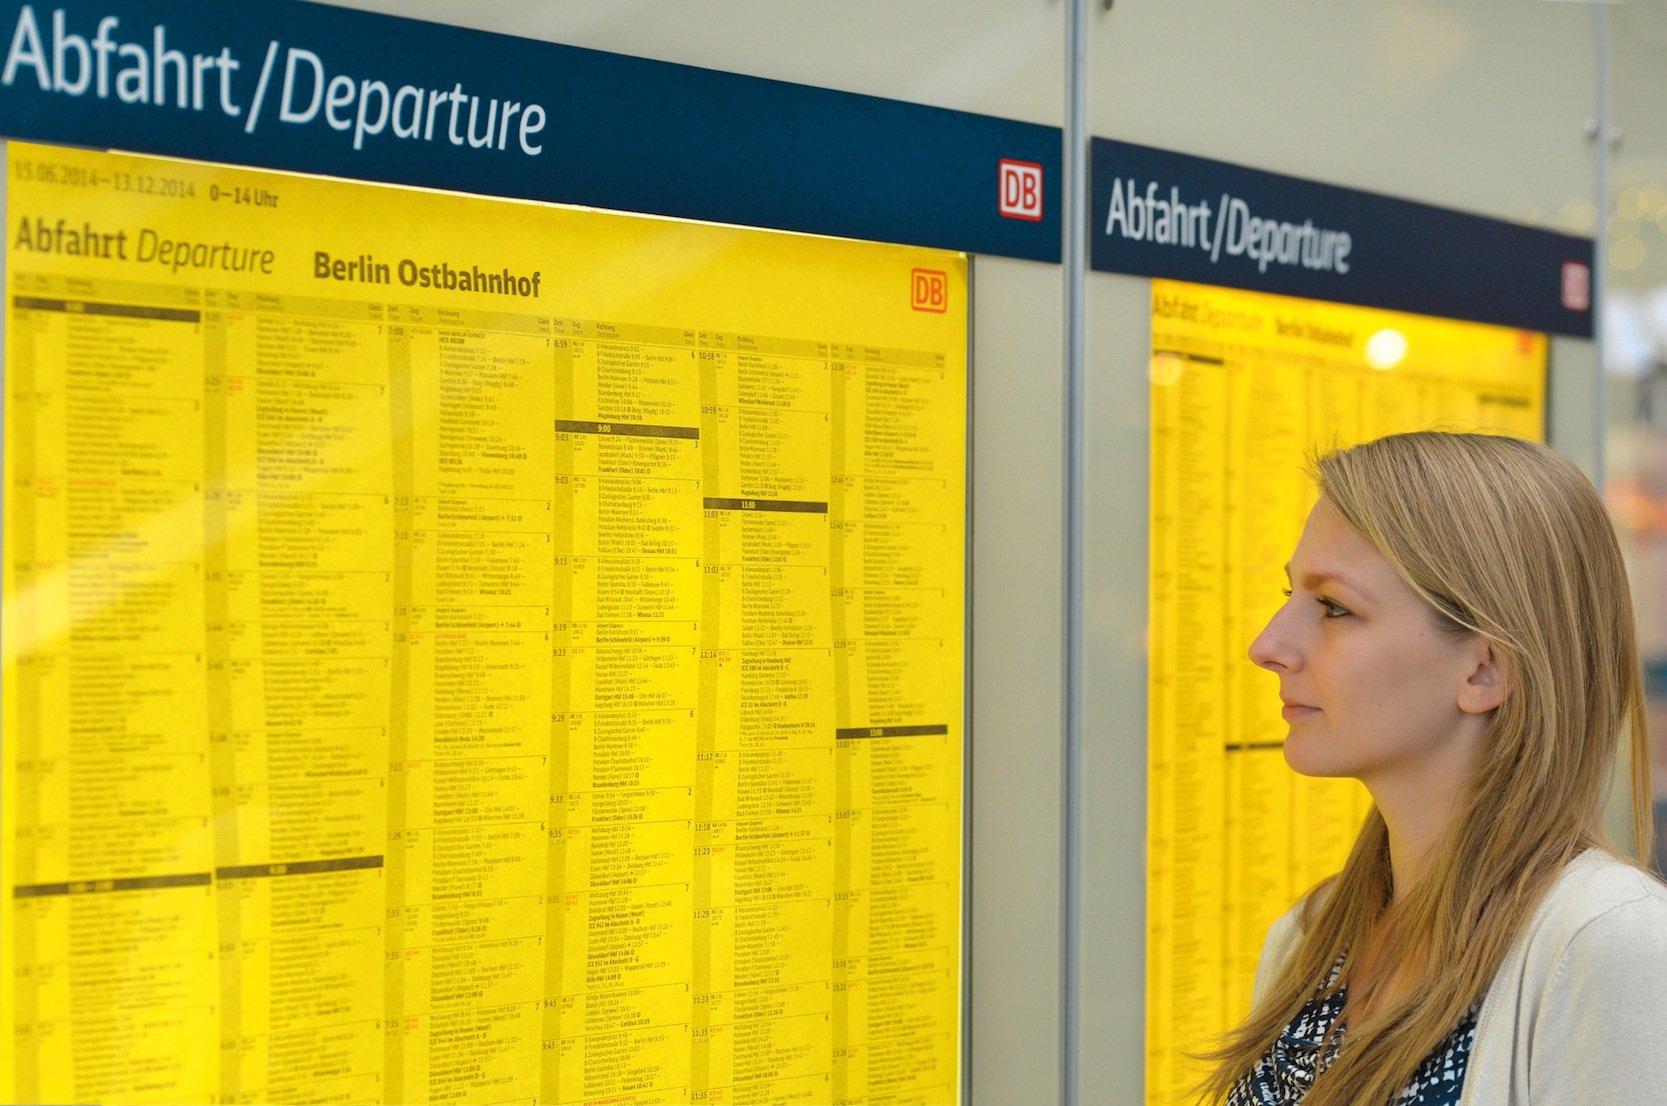 Fahrplan der Deutschen Bahn: Die Abfahrtszeiten von Zügen und Informationen über den Zielort kann man künftig auch über Display-Fenster im Zug abrufen.